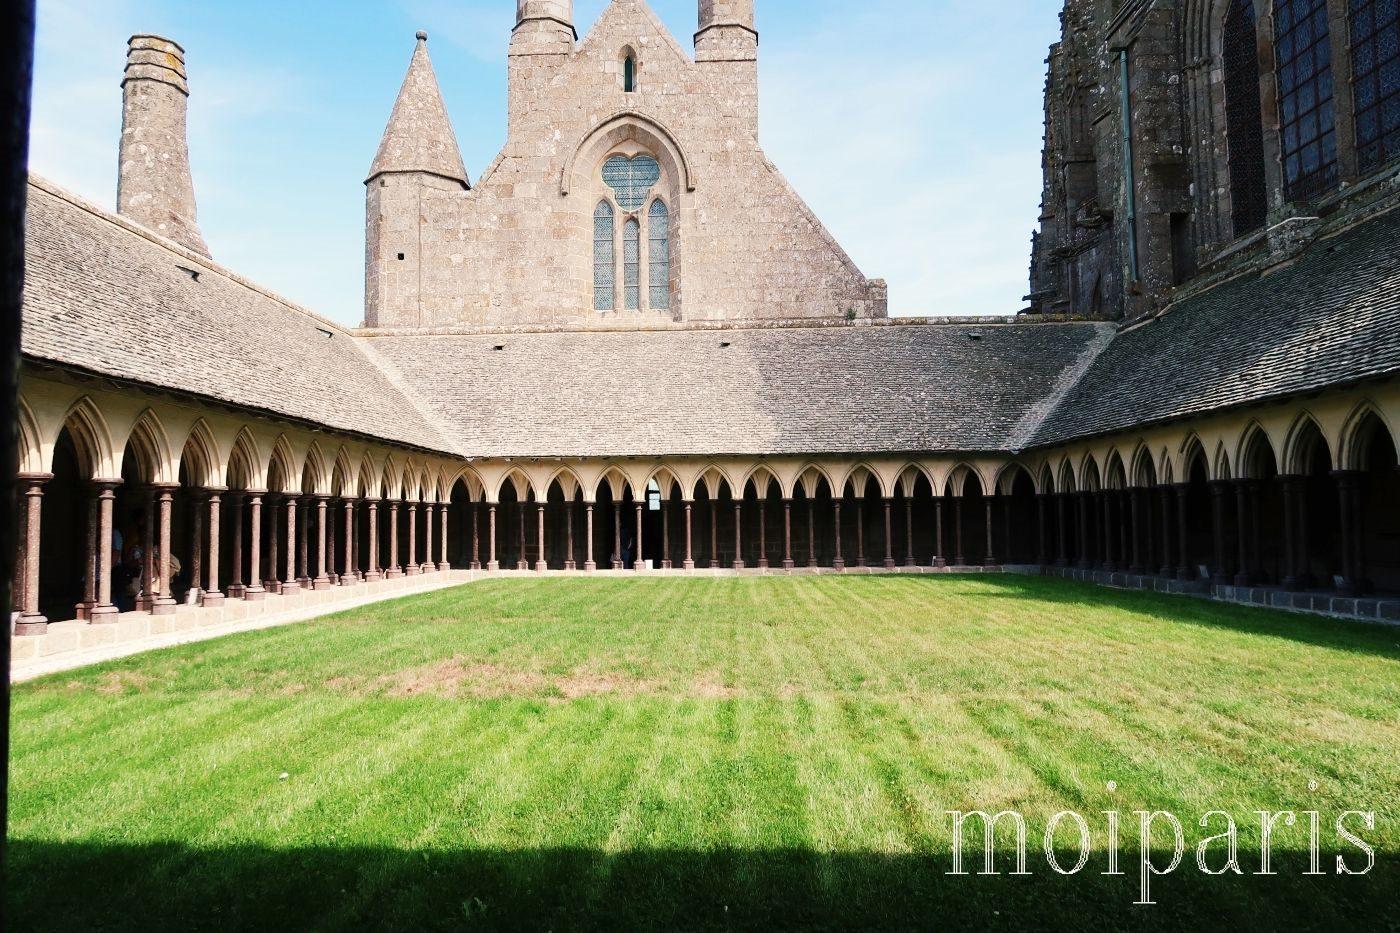 モンサンミッシェル、修道院内、建築様式、二列の柱。